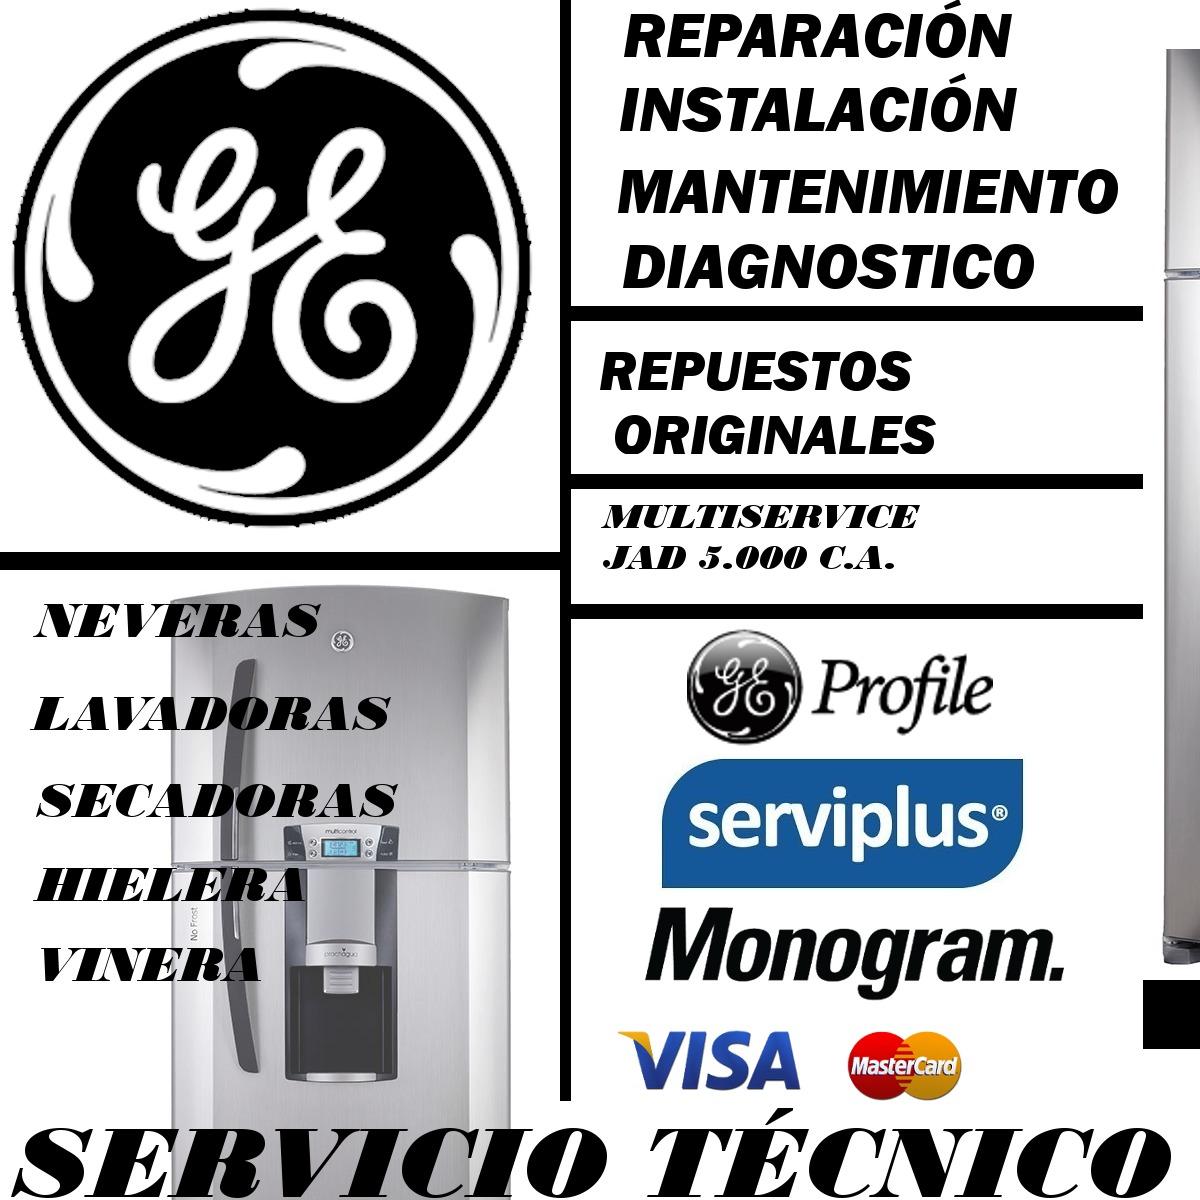 Servicio tecnico general electric nevera hielera lavadora - Servicio tecnico de general electric ...